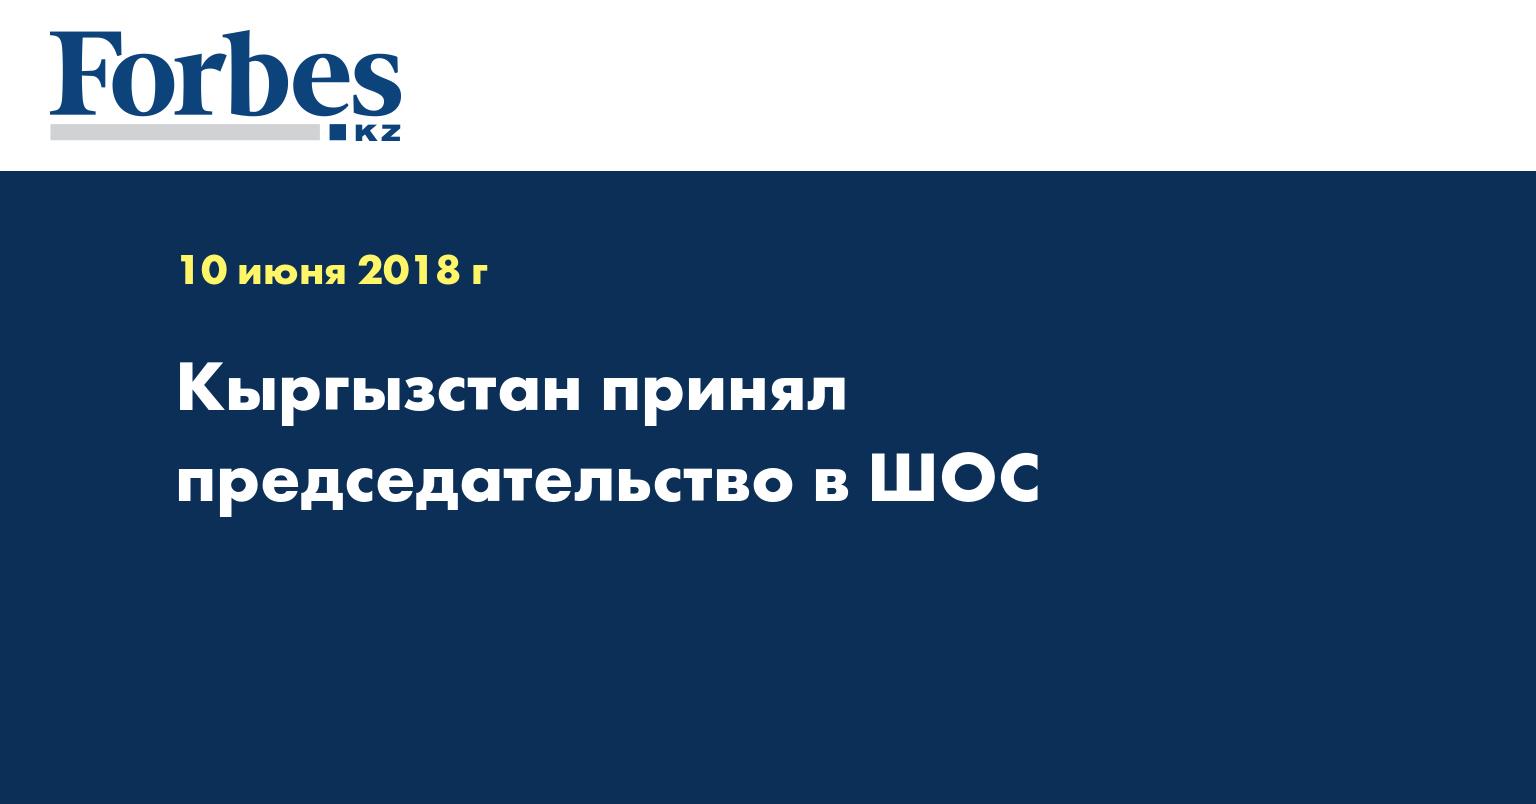 Кыргызстан принял председательство в ШОС